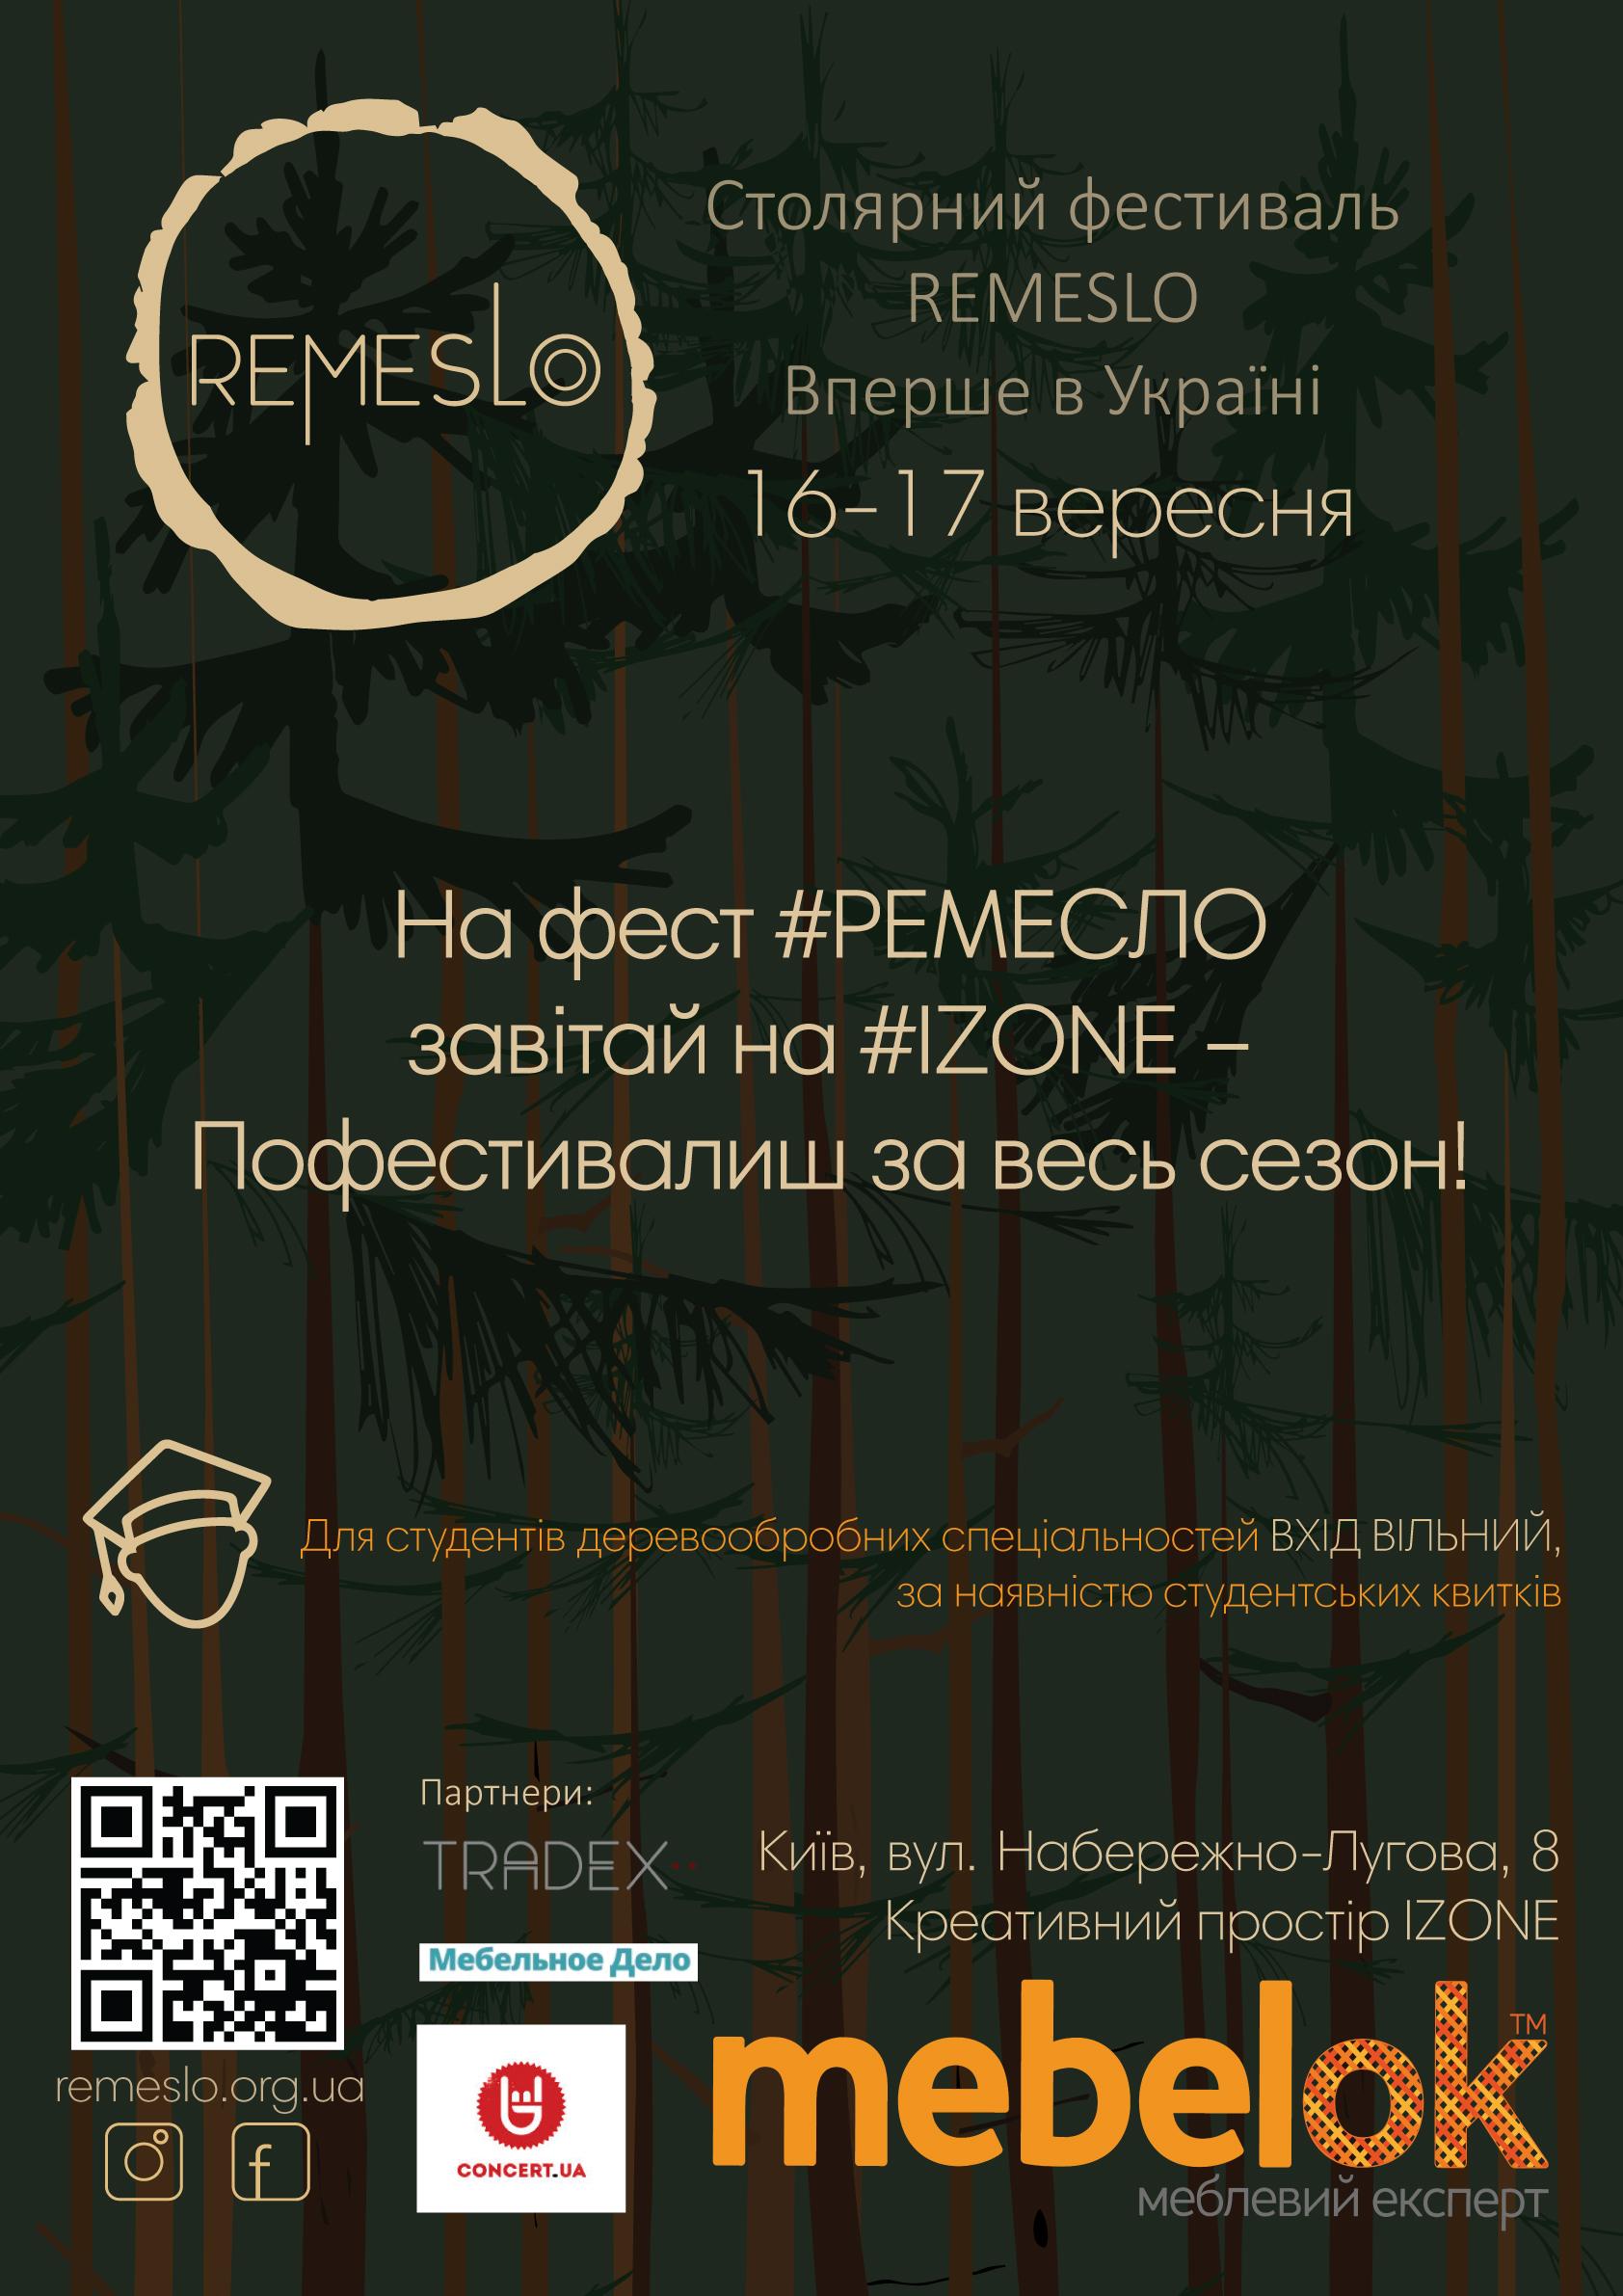 Фестиваль столярного искусства Remeslo в Киеве